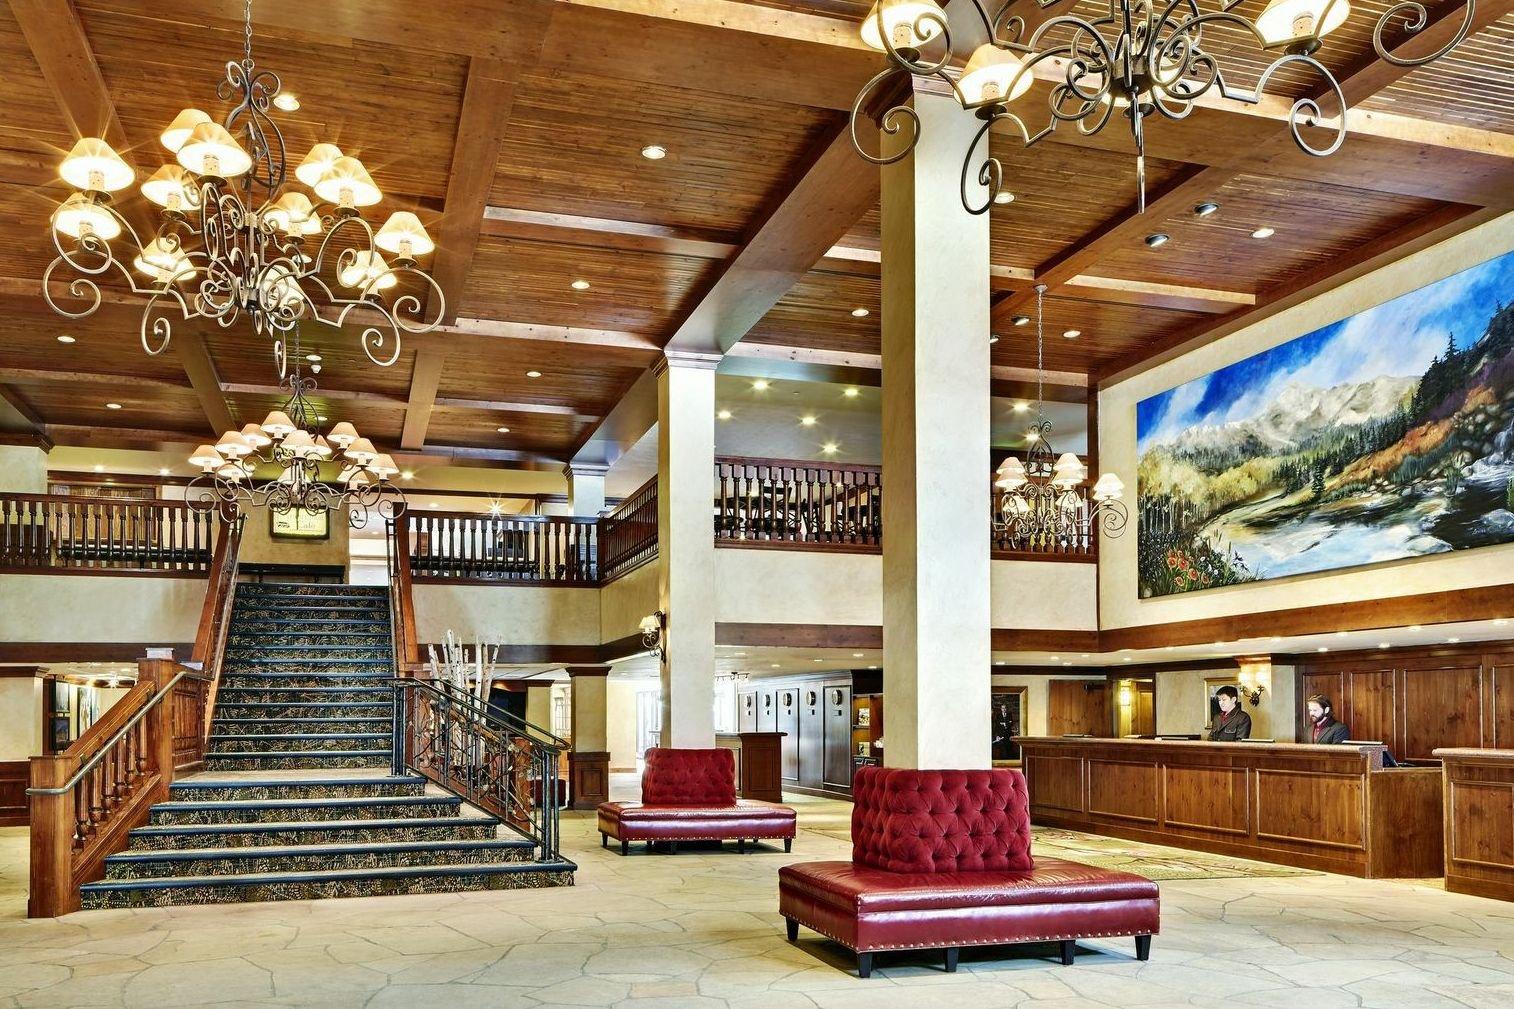 vail marriott lobby.jpg